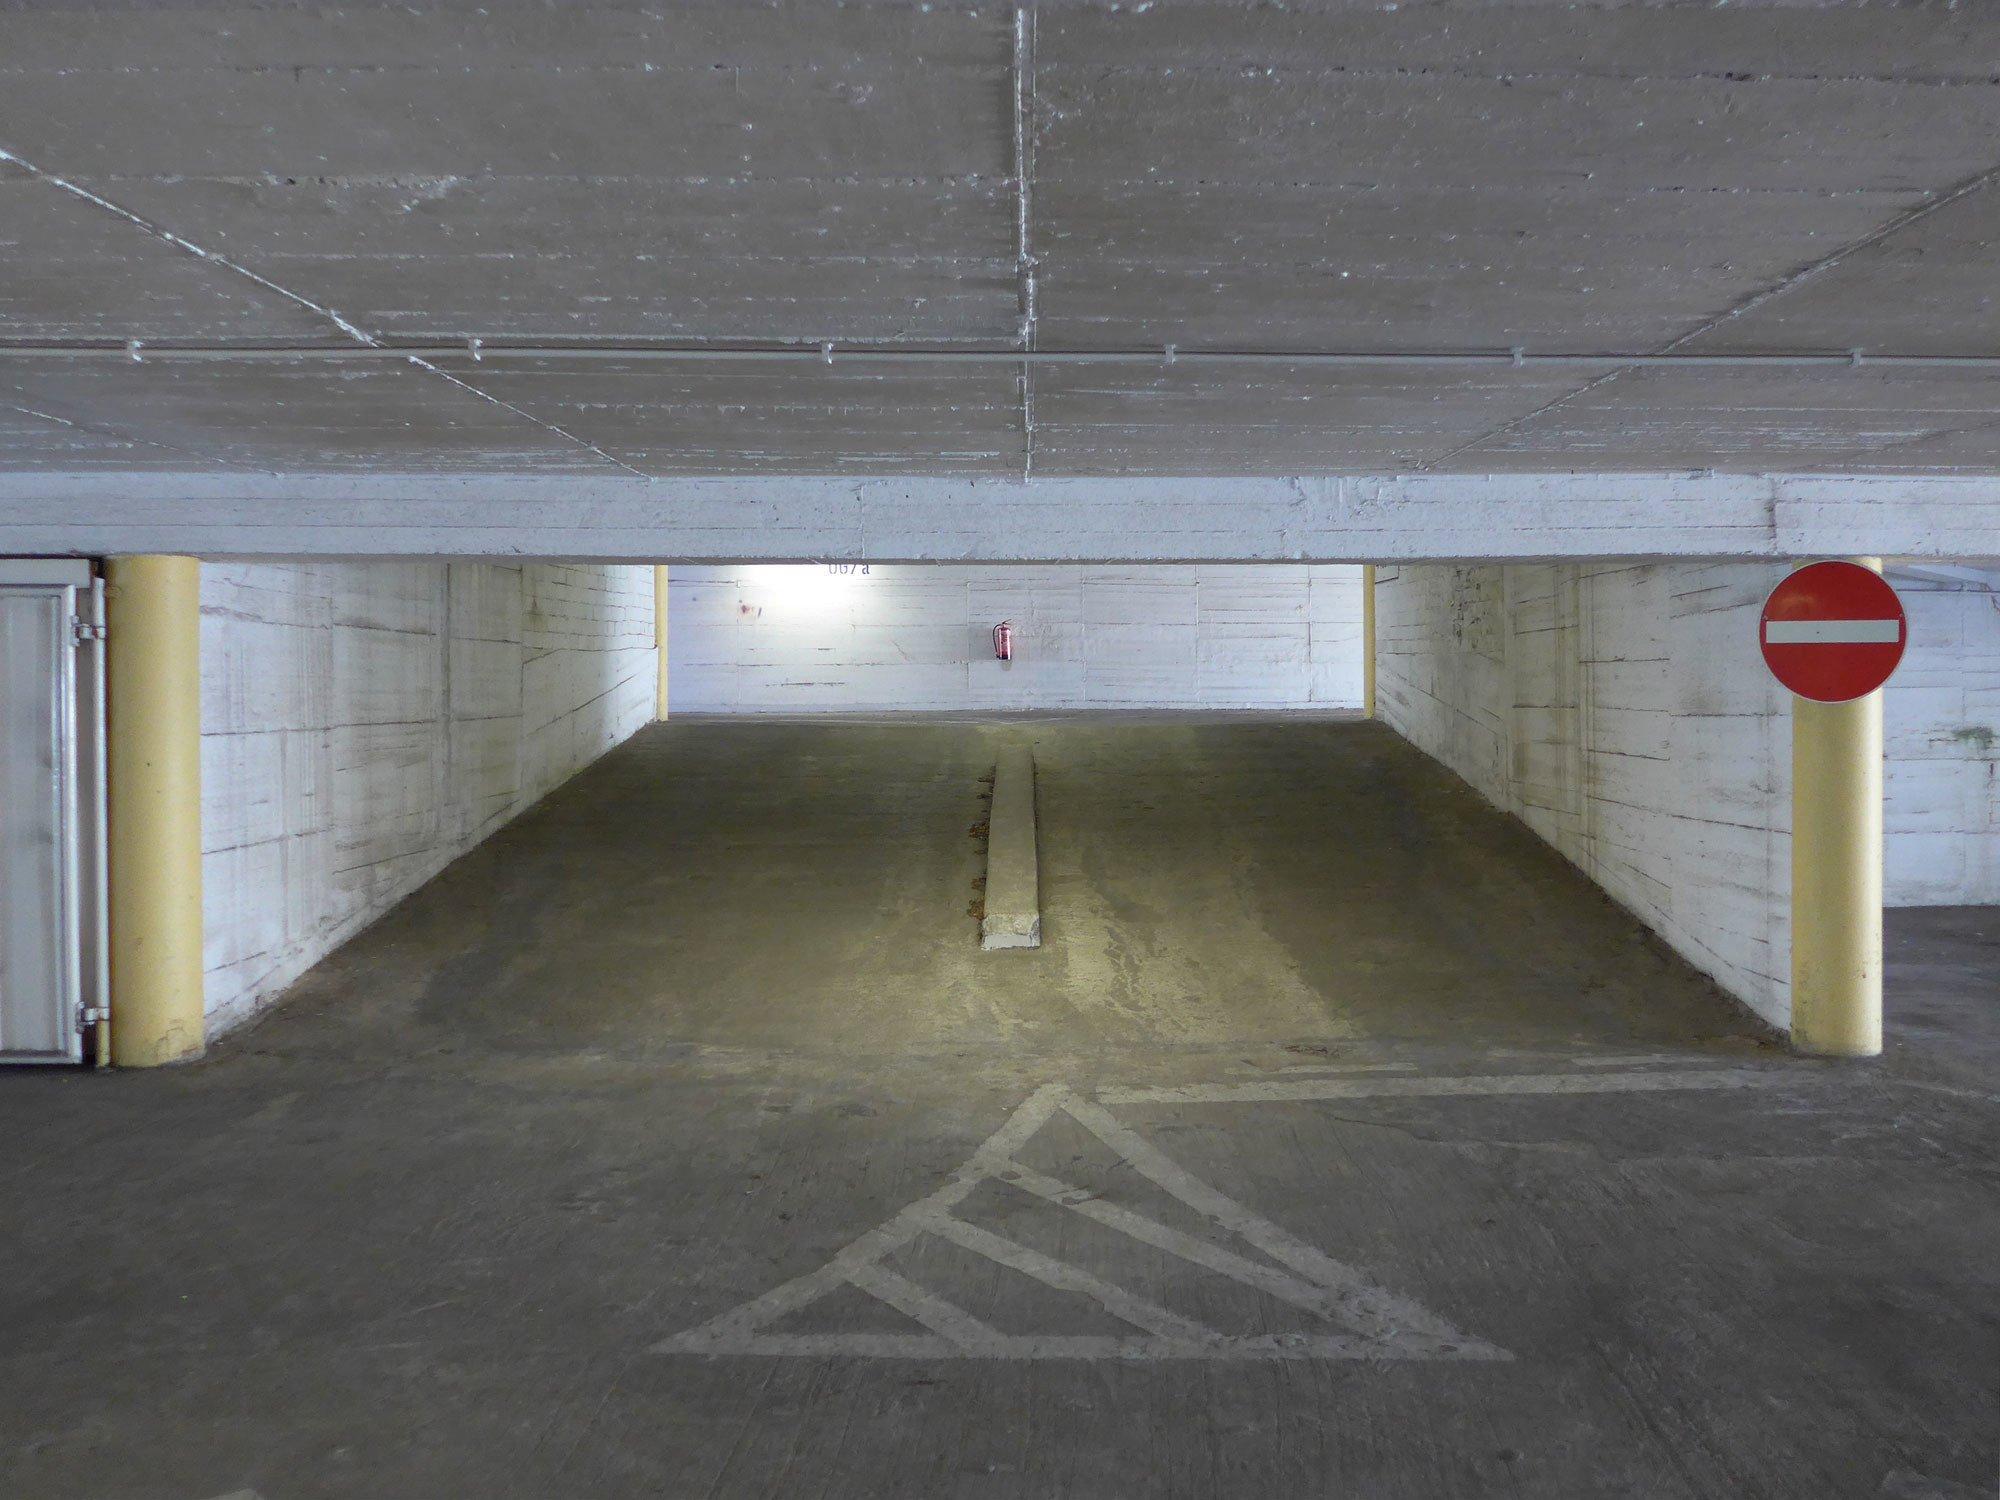 PKW Vollgarage Innengarage f/ür Innenraum aus PEVA Abdeckplane /überwintern von Fahrzeug im Carport oder Garage